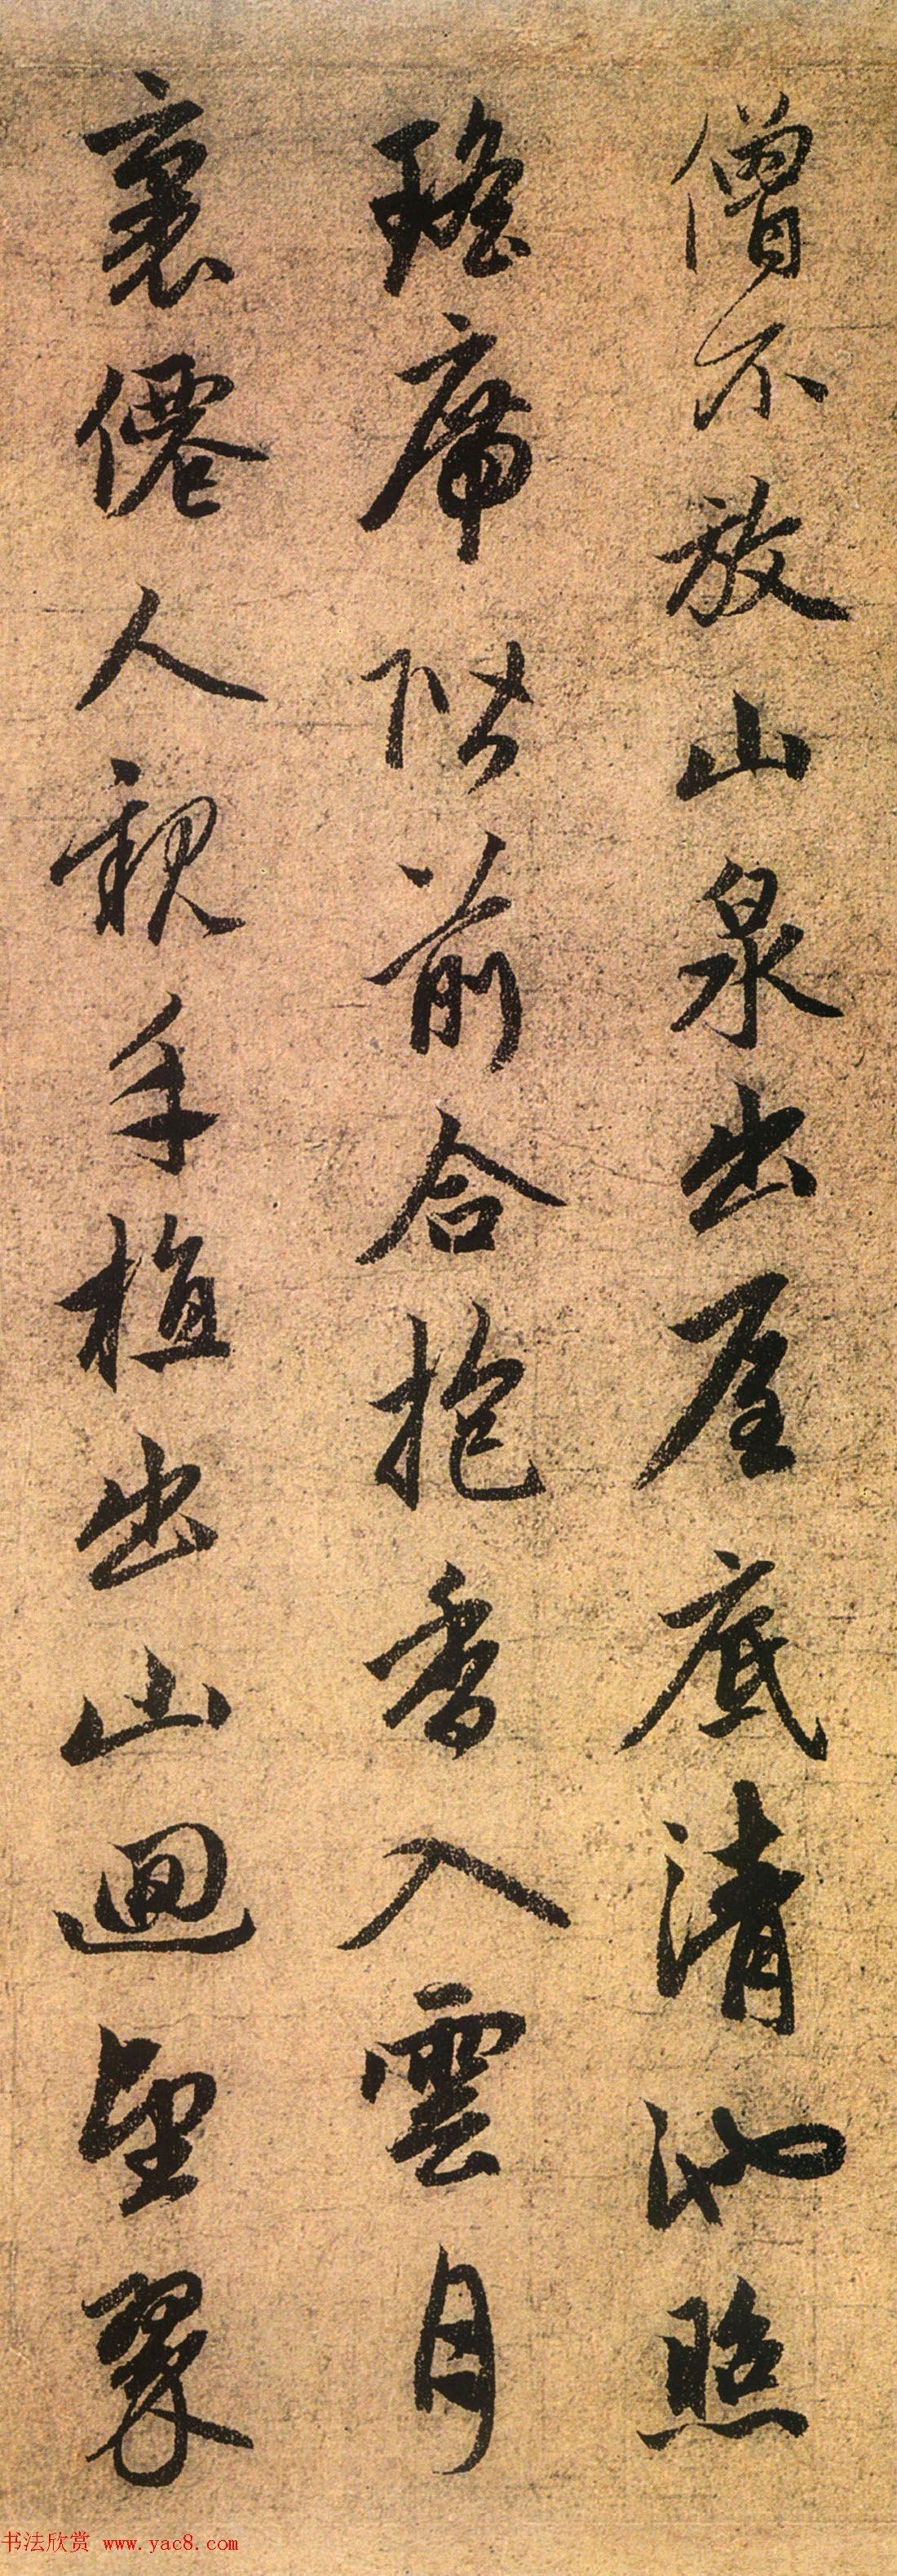 趙孟頫书法真迹赏析《道场诗帖》两种